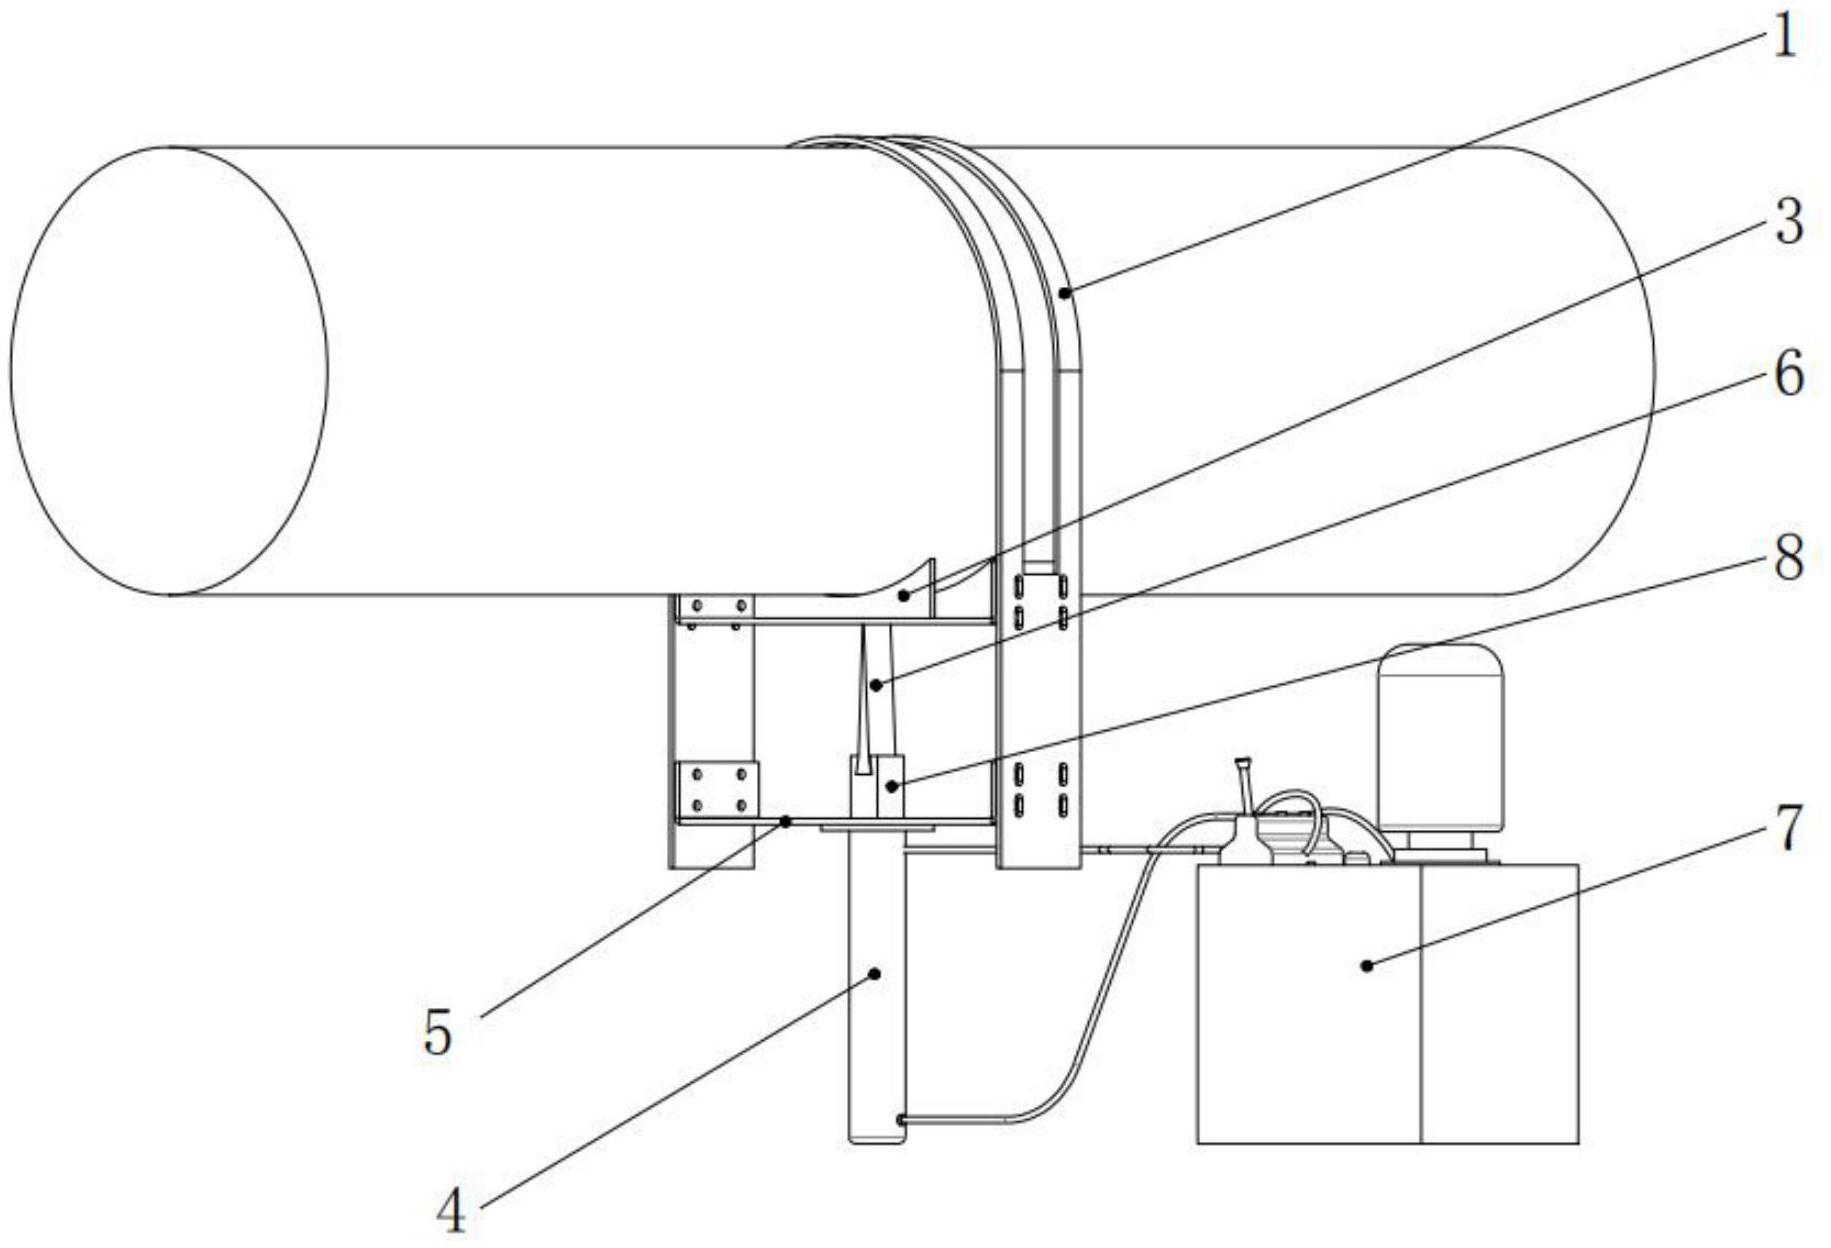 一种应用于悬索桥主缆的液压开缆装置